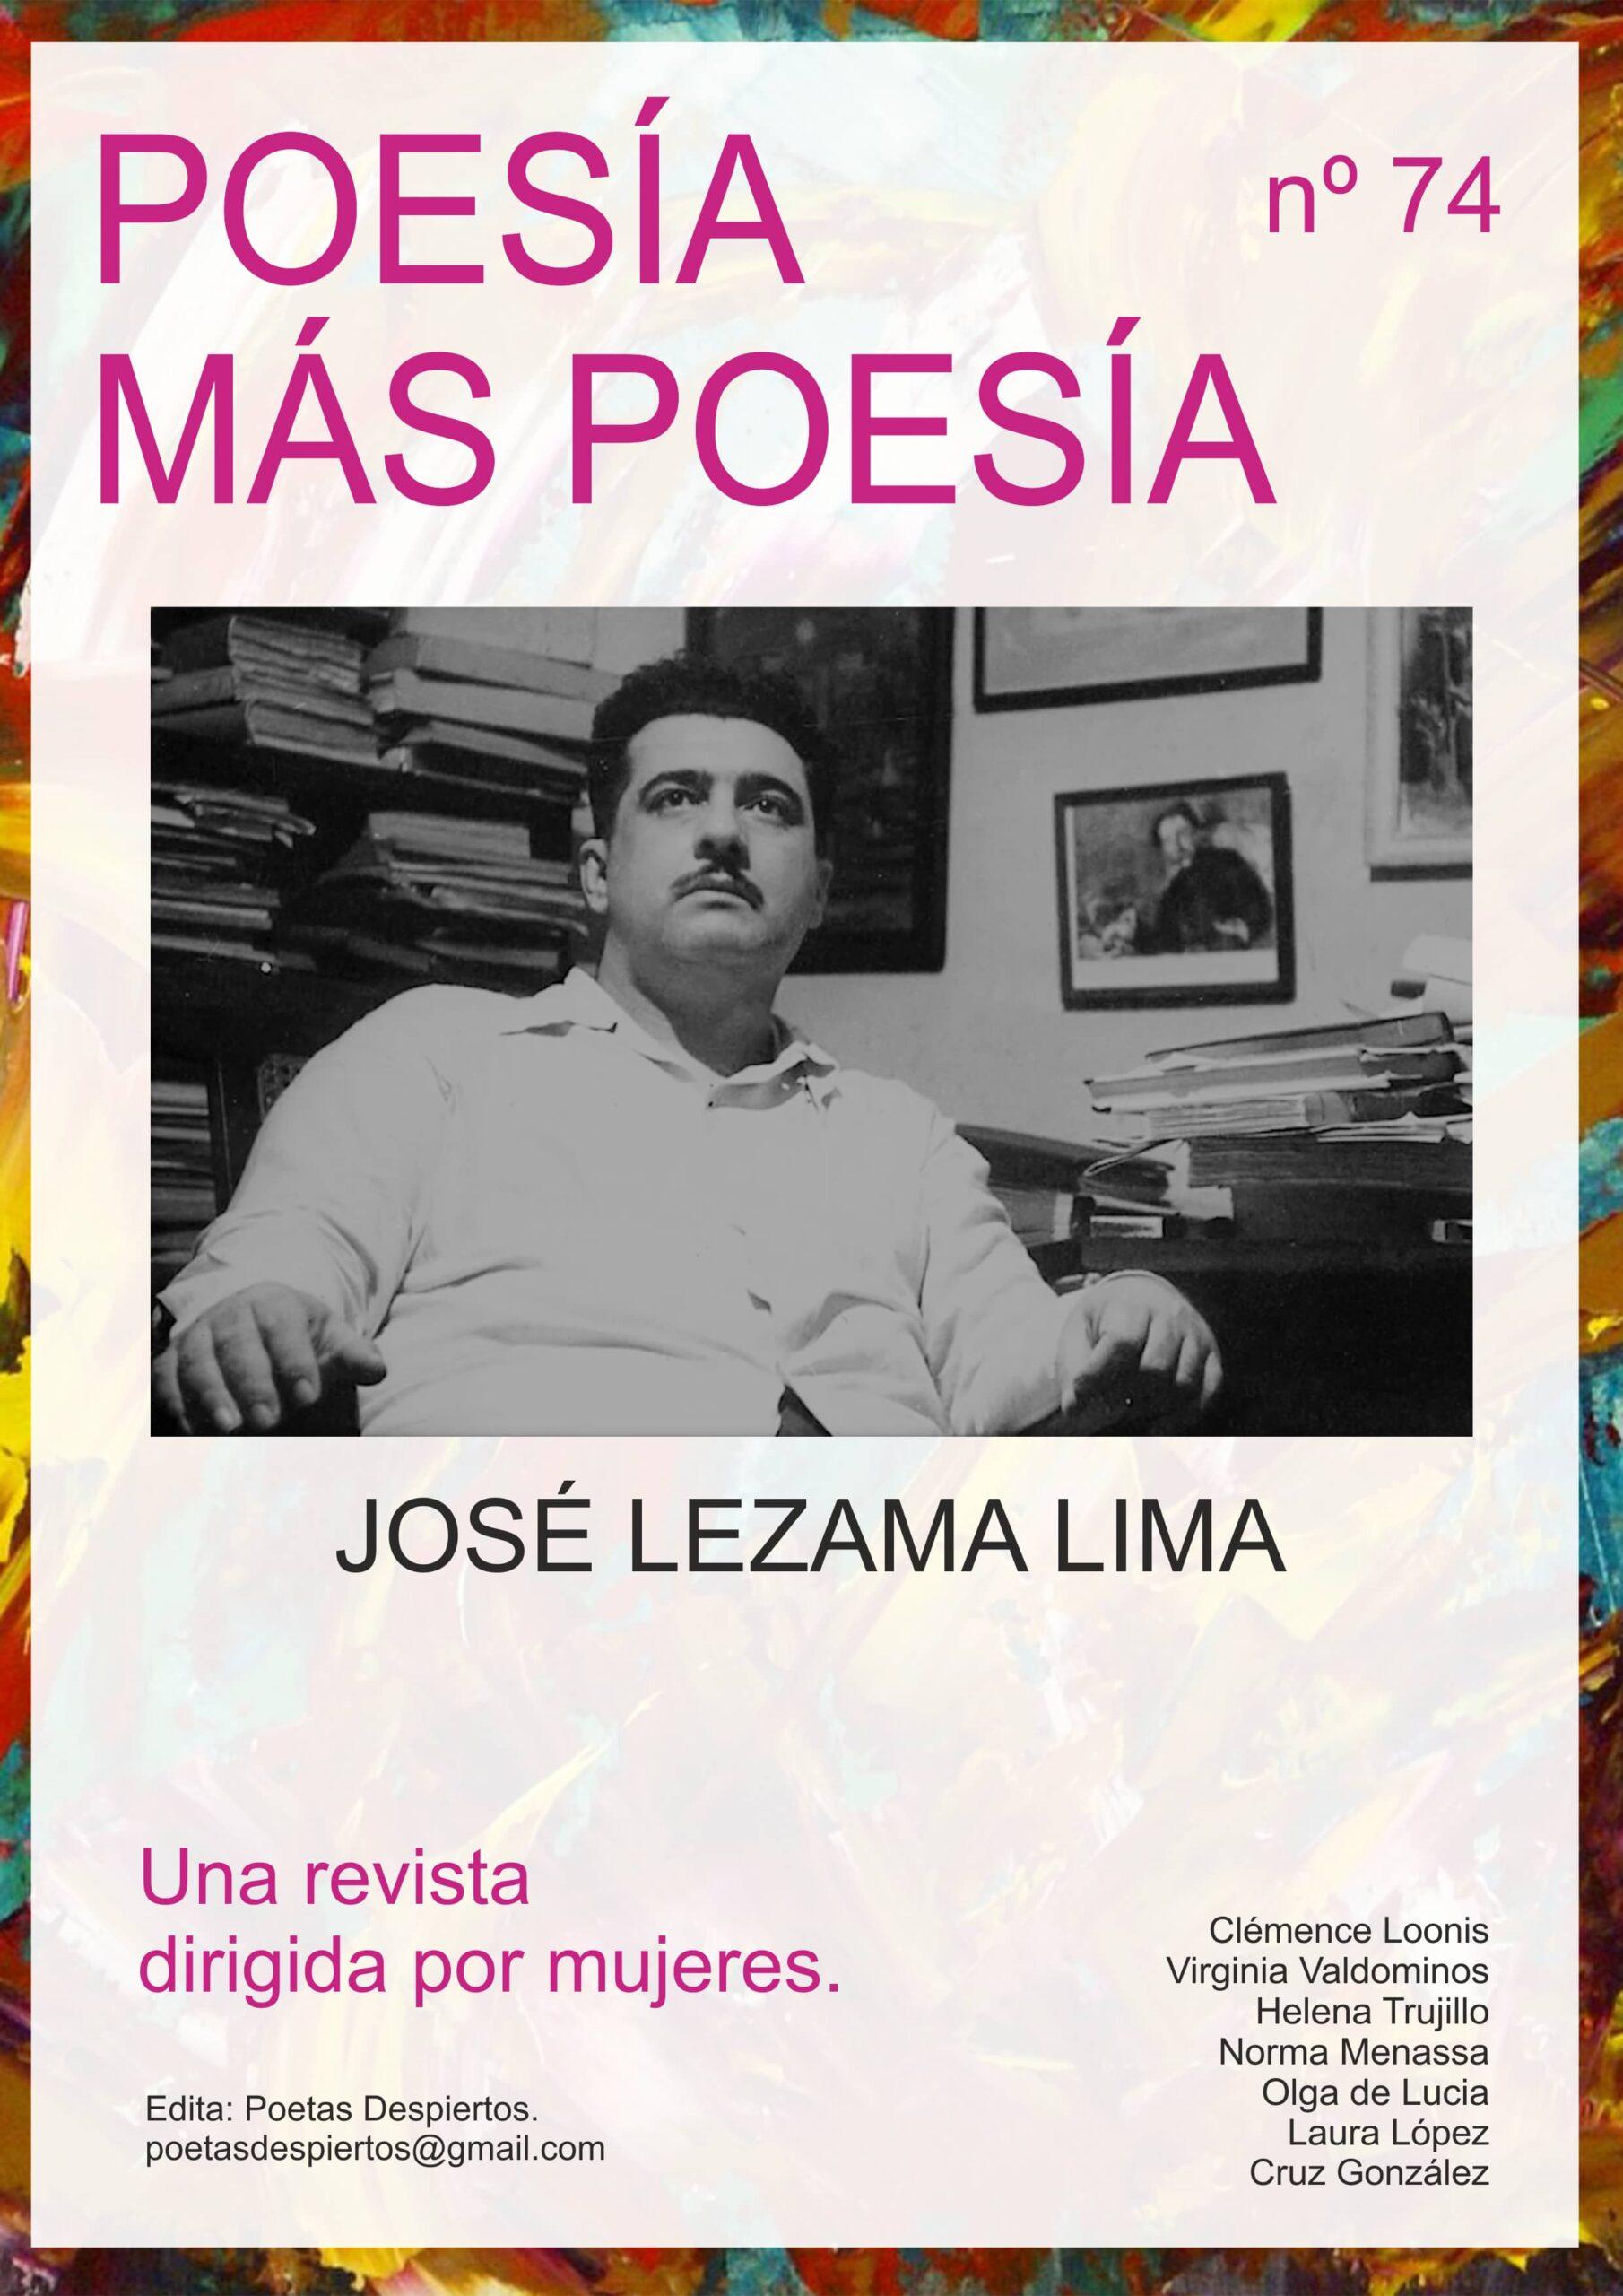 lezama Webp.net compress image scaled - Poesia Online